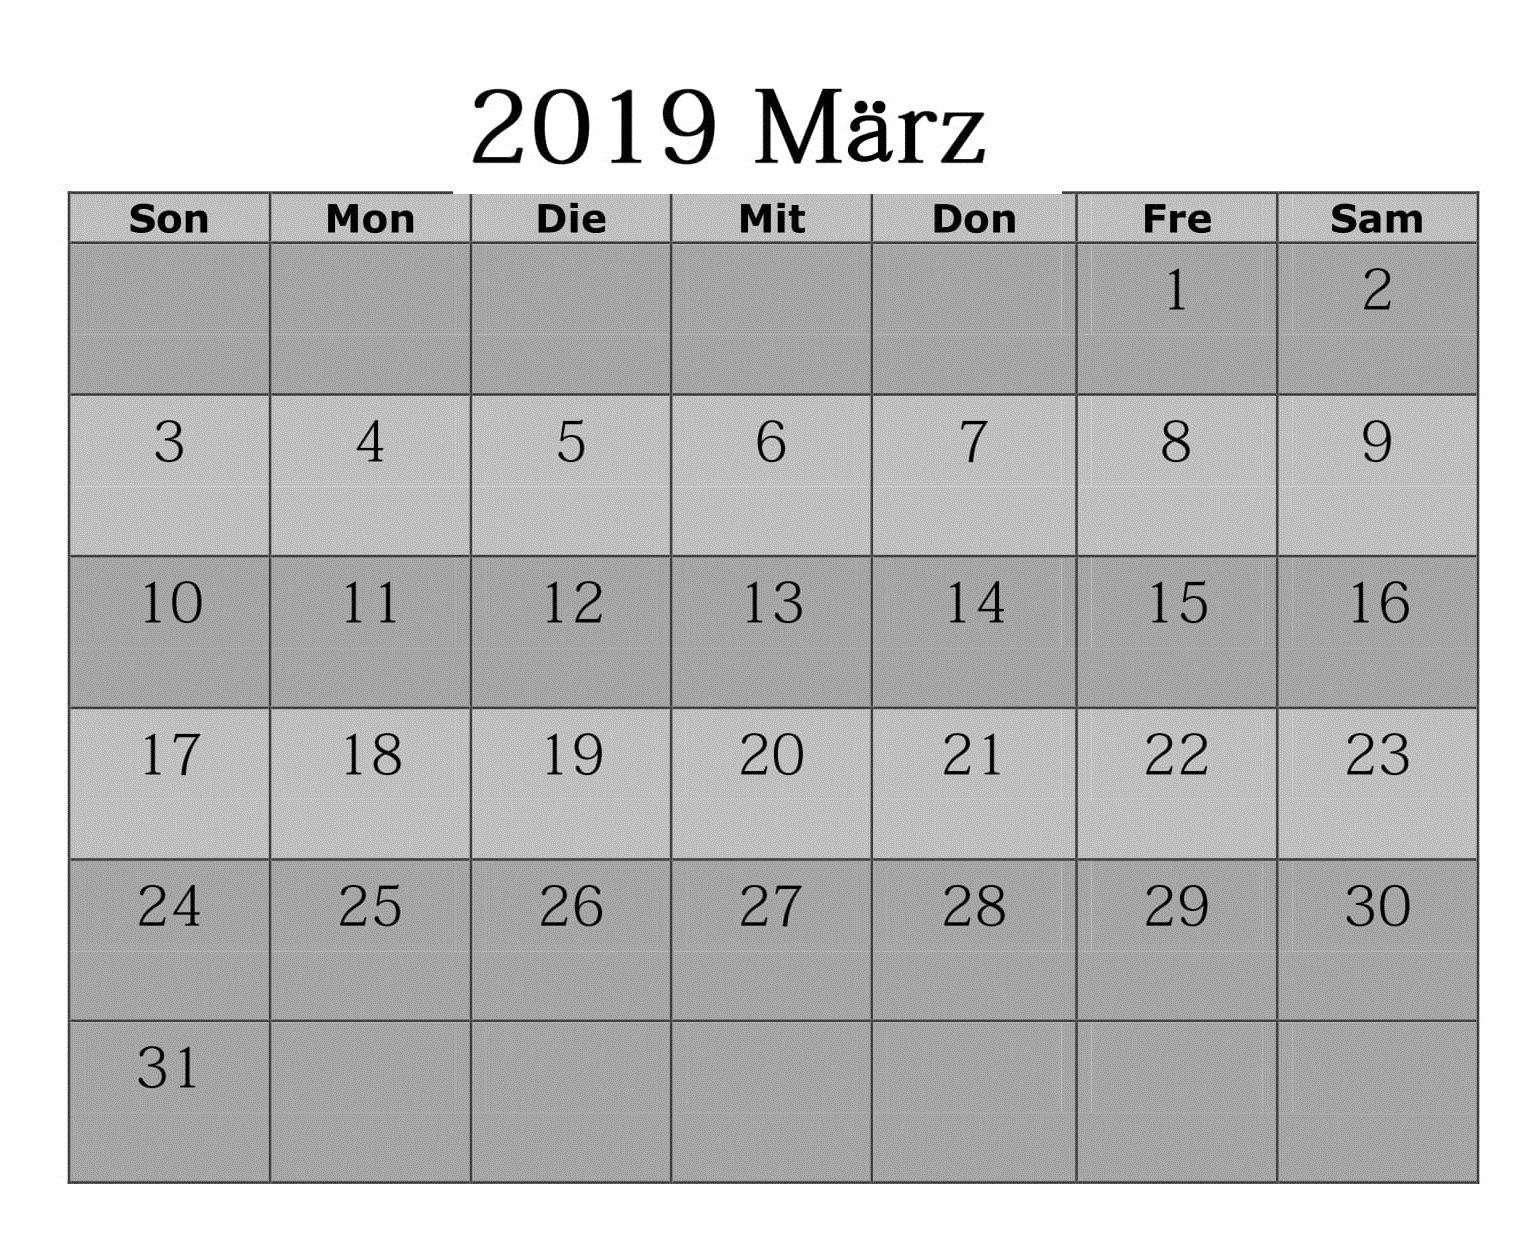 2019 Kalender März Zum Ausdrucken Calendario Marzo 2019